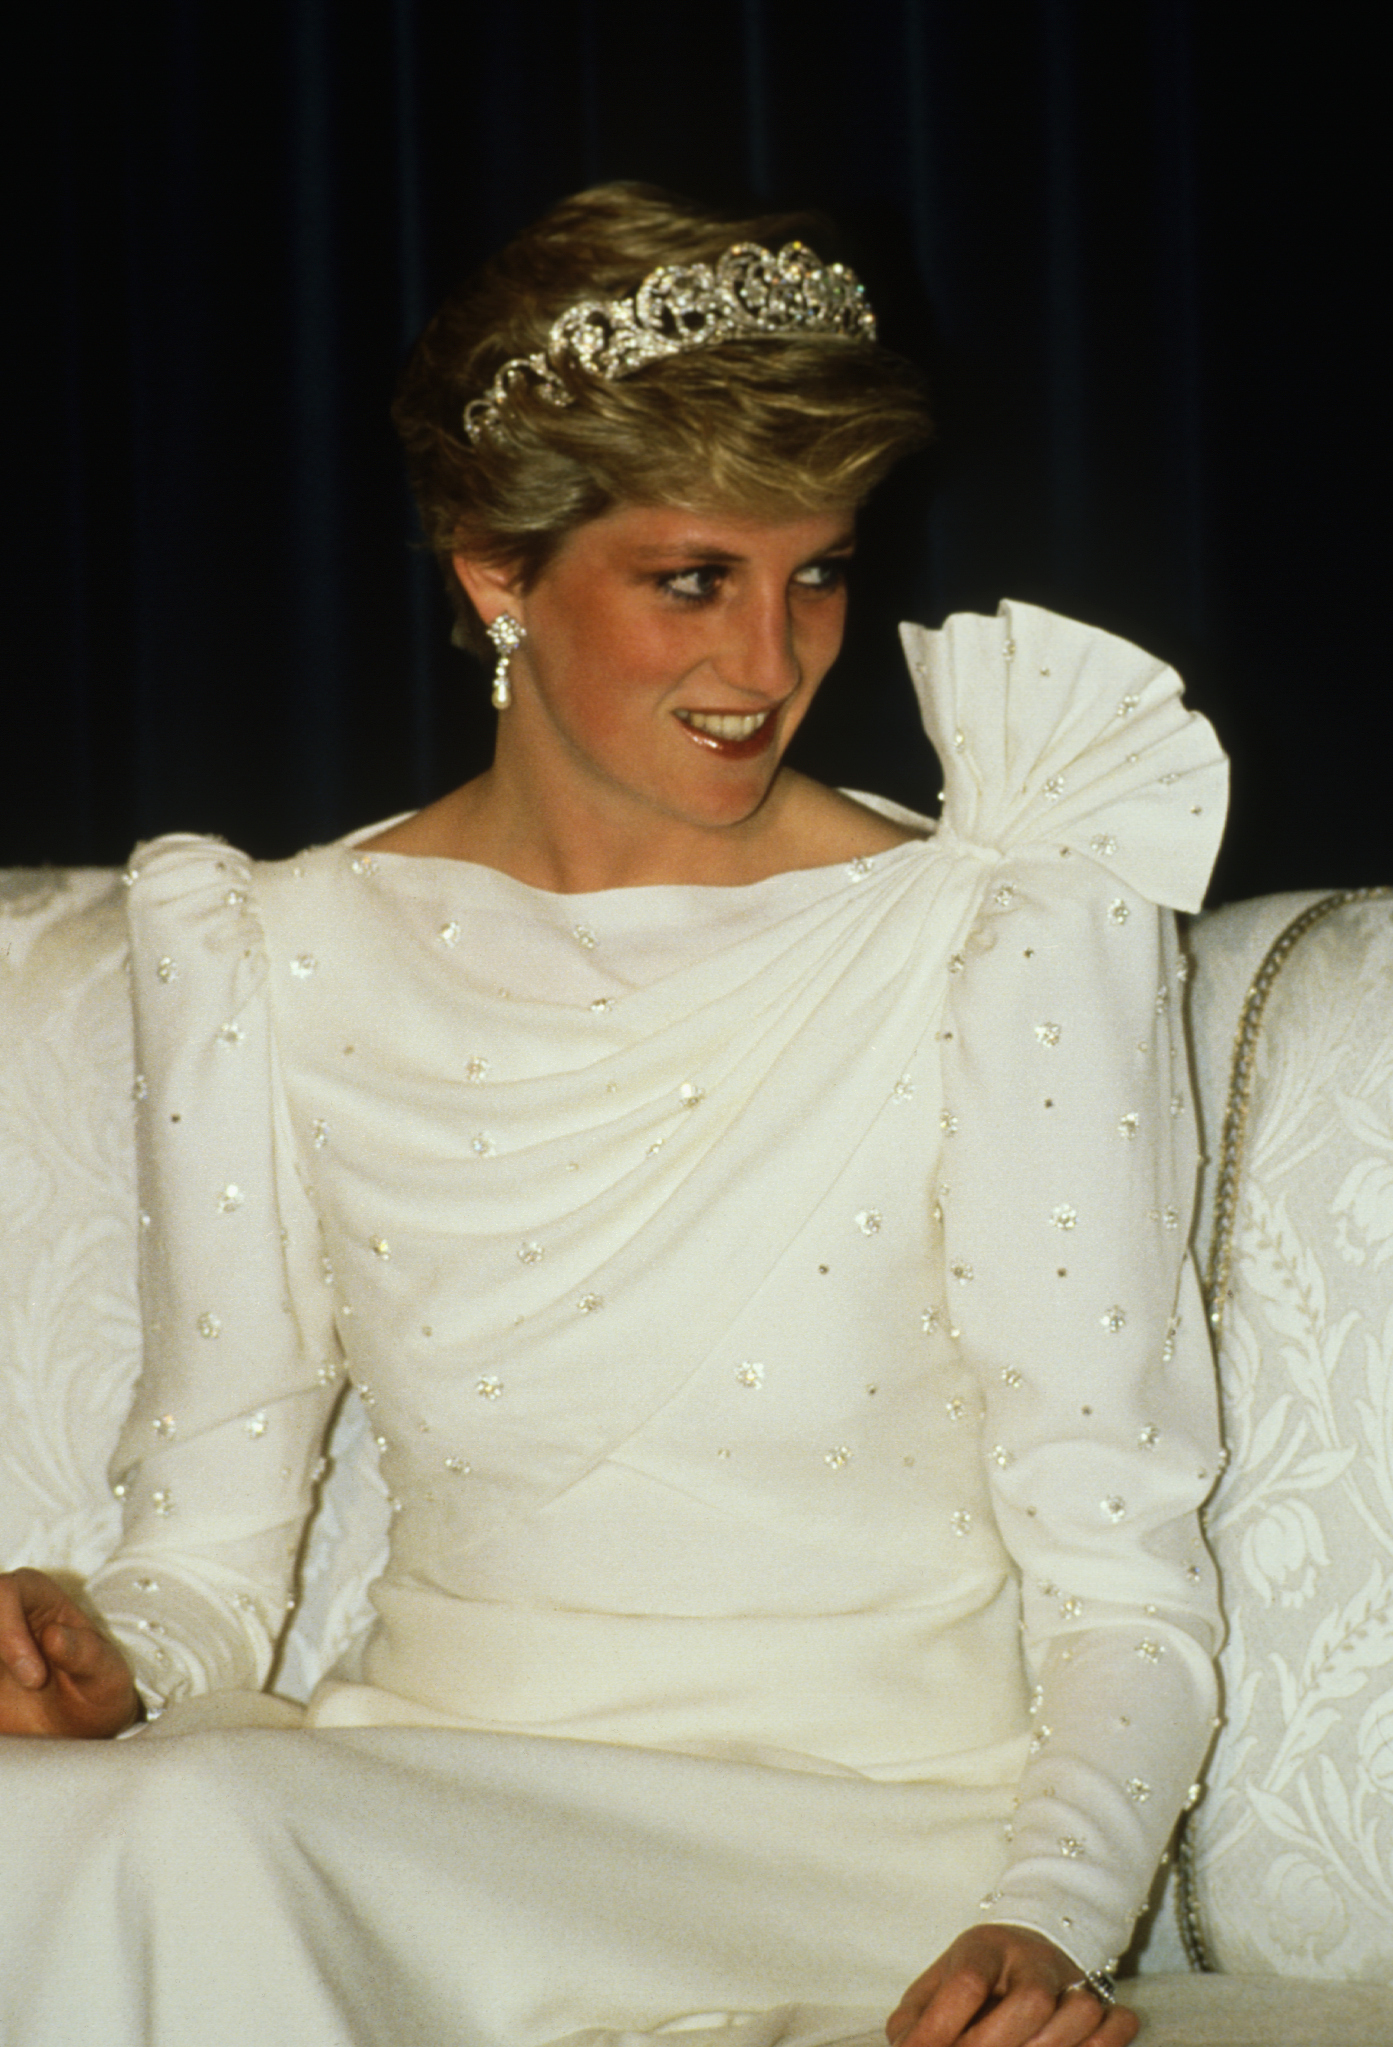 Princesa Diana, Diana de Gales, estilo, vestido, vestido blanco